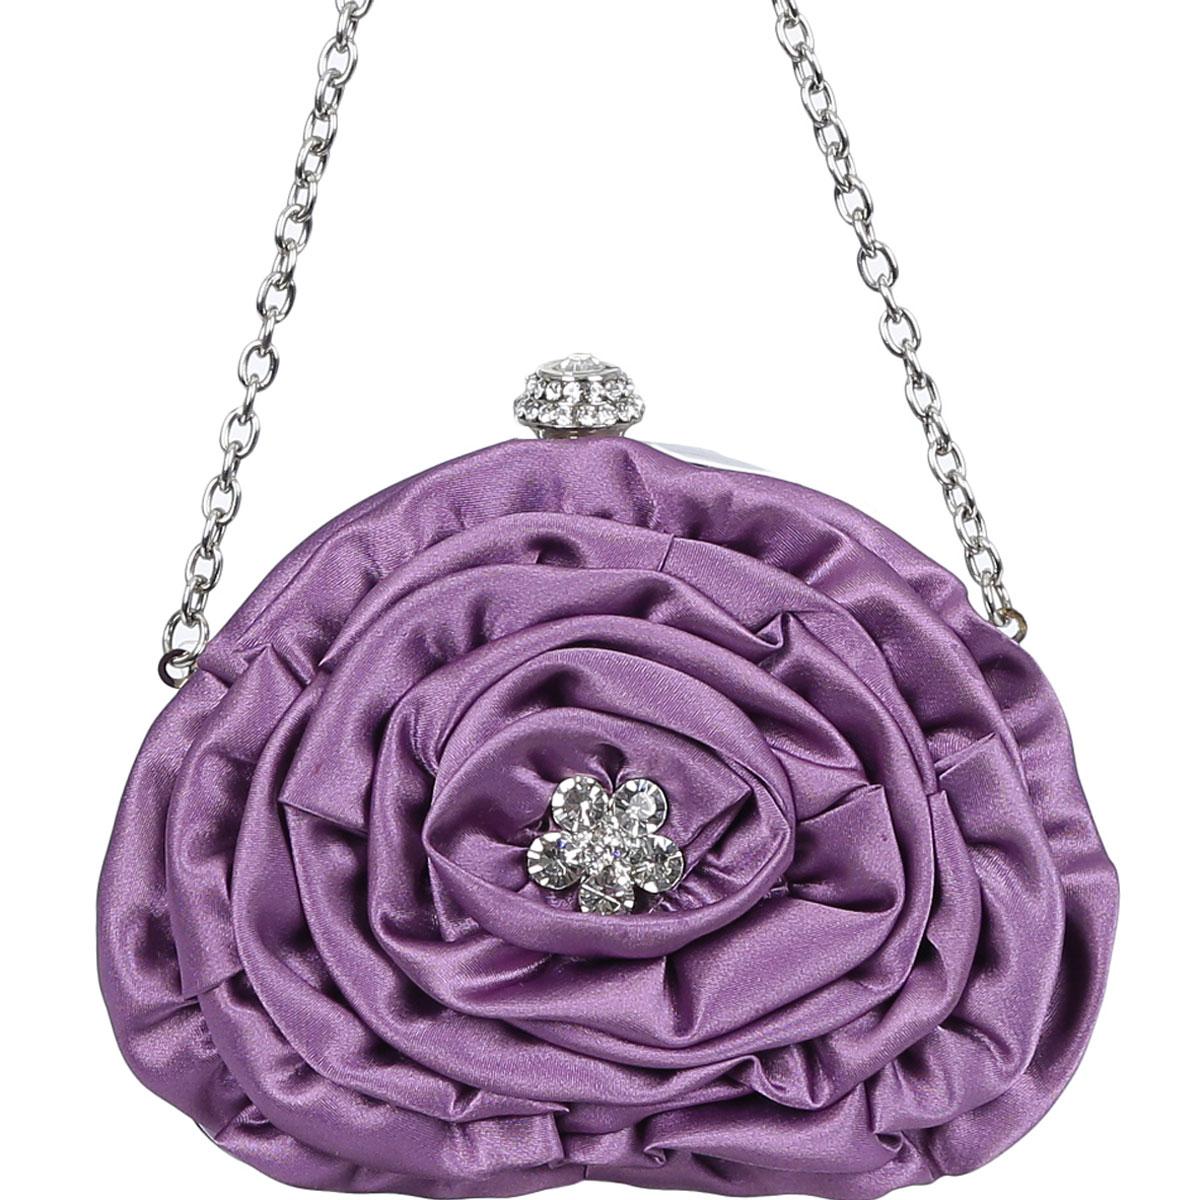 Клатч Fabretti, цвет: фиолетовый. 5410-5